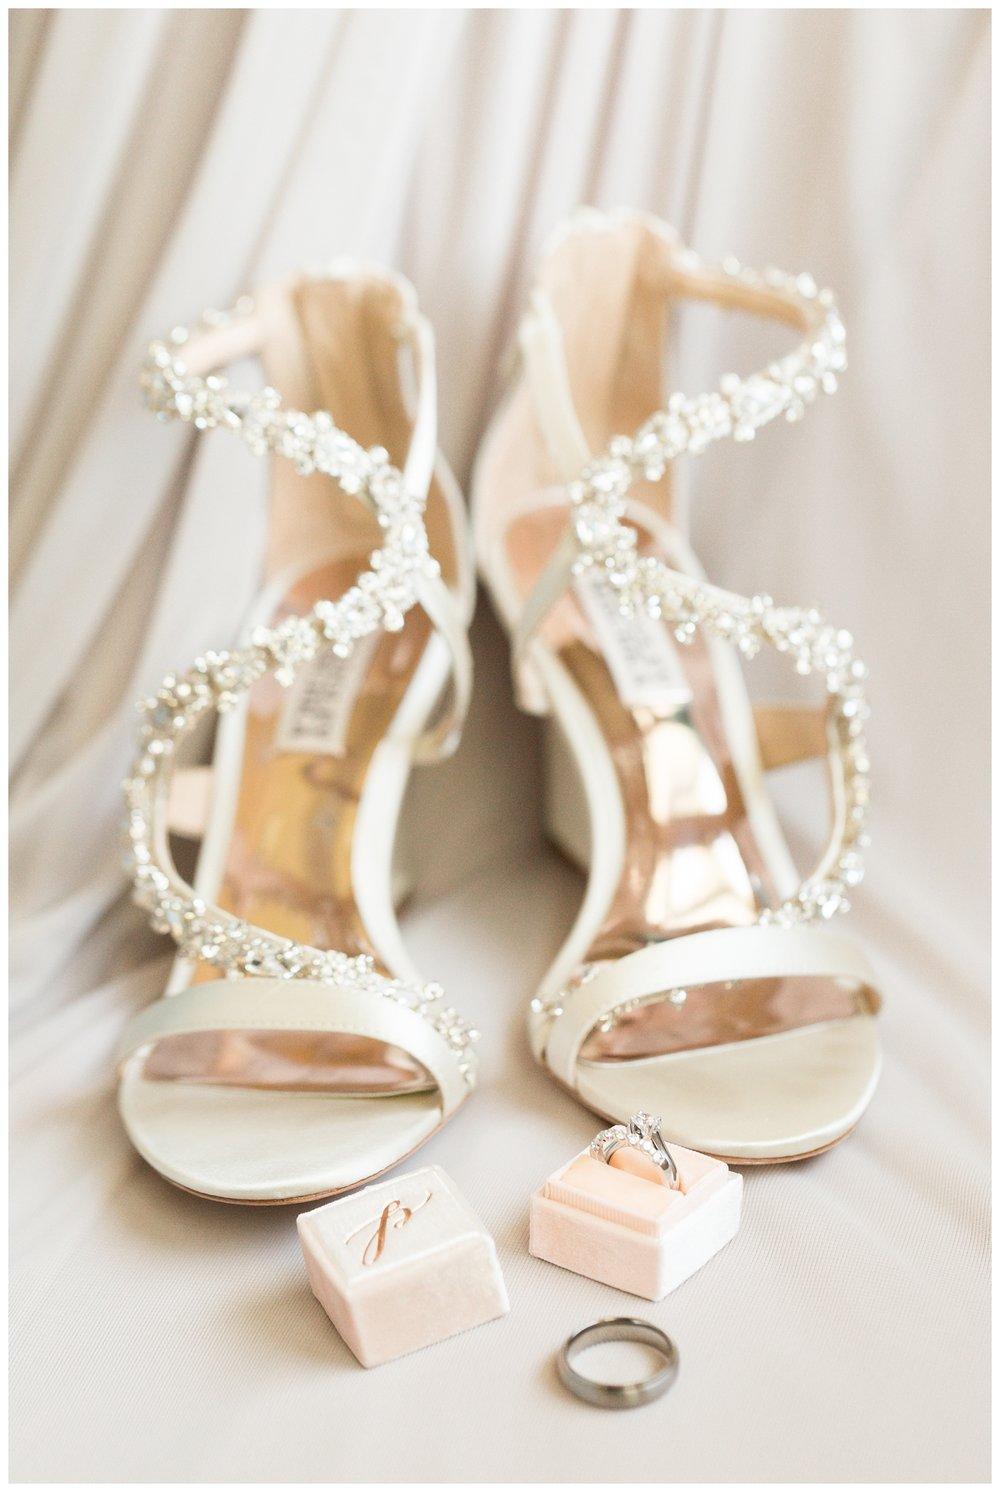 Centerville-Estates-Wedding-Photographer_5874.jpg